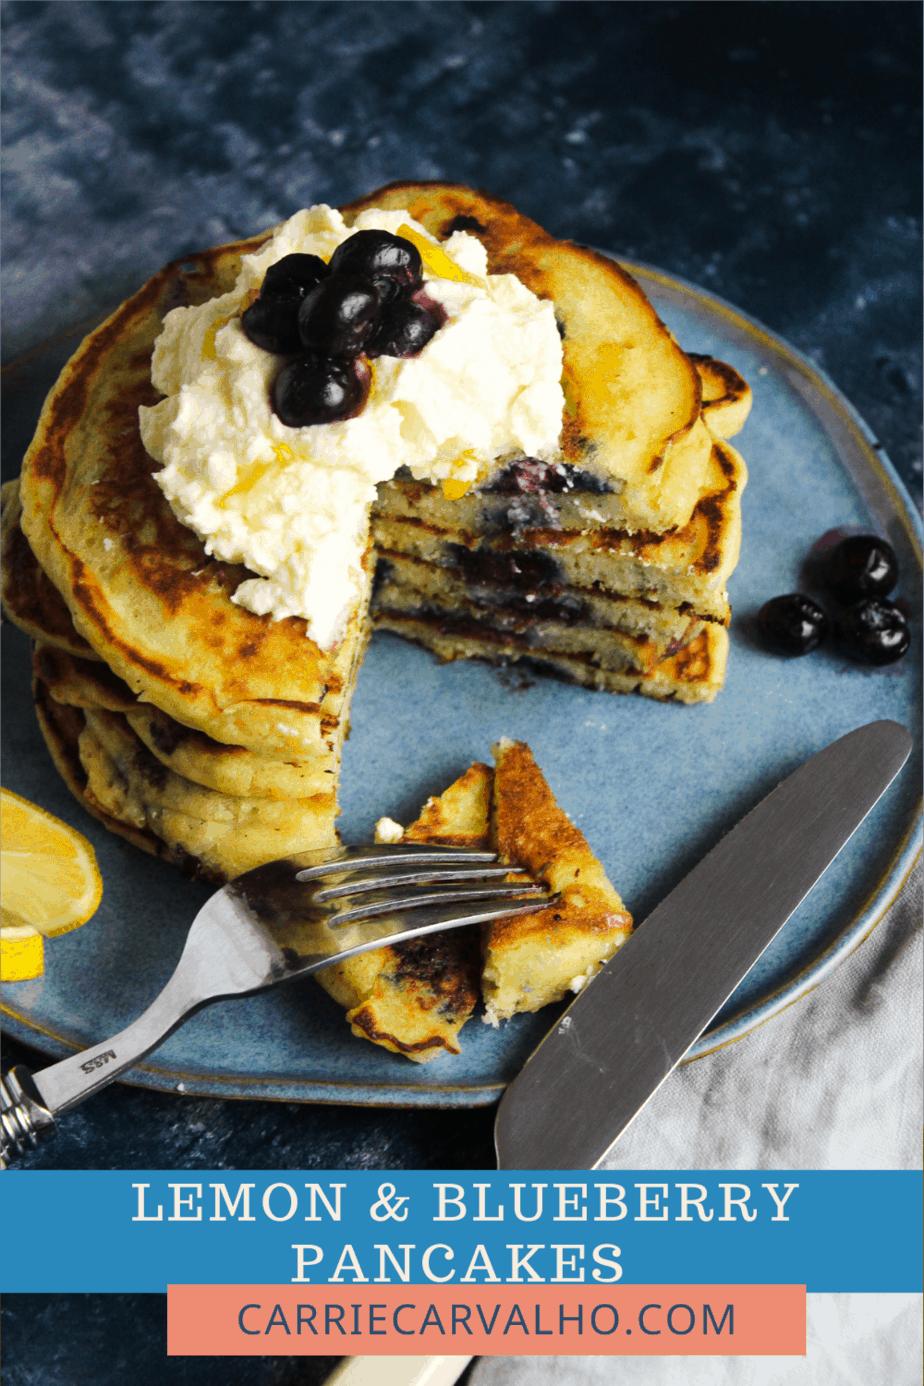 Lemon Blueberry Pancakes with Lemon Mascarpone